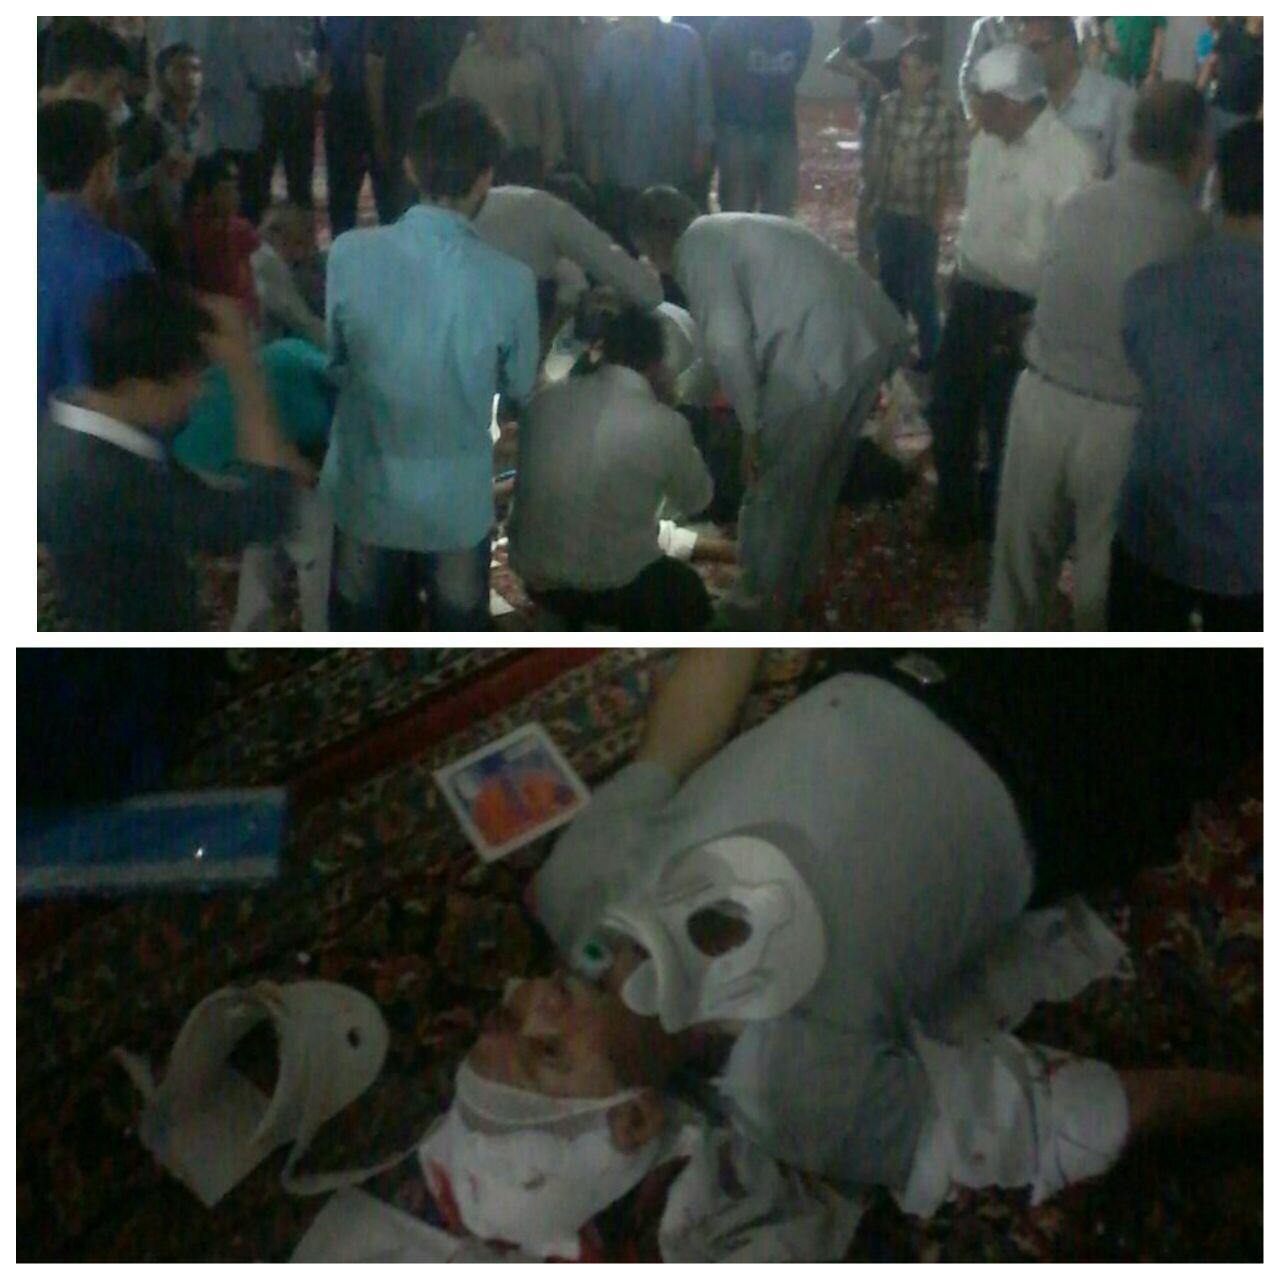 در ریزش سقف مسجدی یک نفر کشته و چهار نفر مجروح شدند +عکس